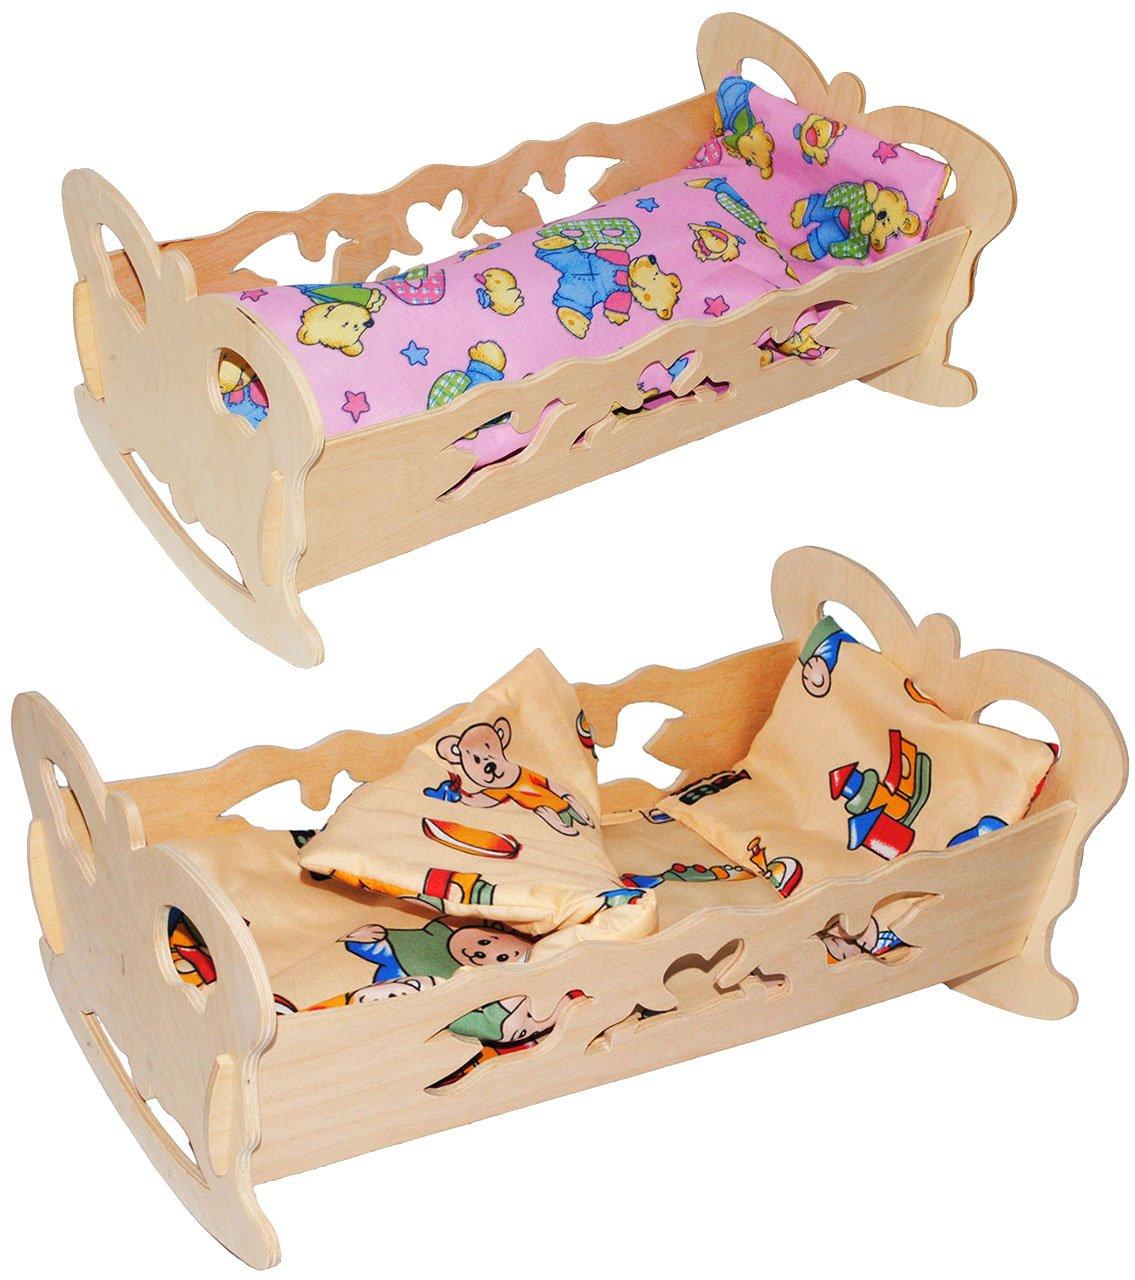 Schmetterling Decke /& Kopfkissen Puppenwiege // Puppenbett alles-meine.de GmbH 1 St/ück /_ Holz aus Naturholz Name f/ür Puppen mit Bettzeug Wiege Ki.. 50 cm incl